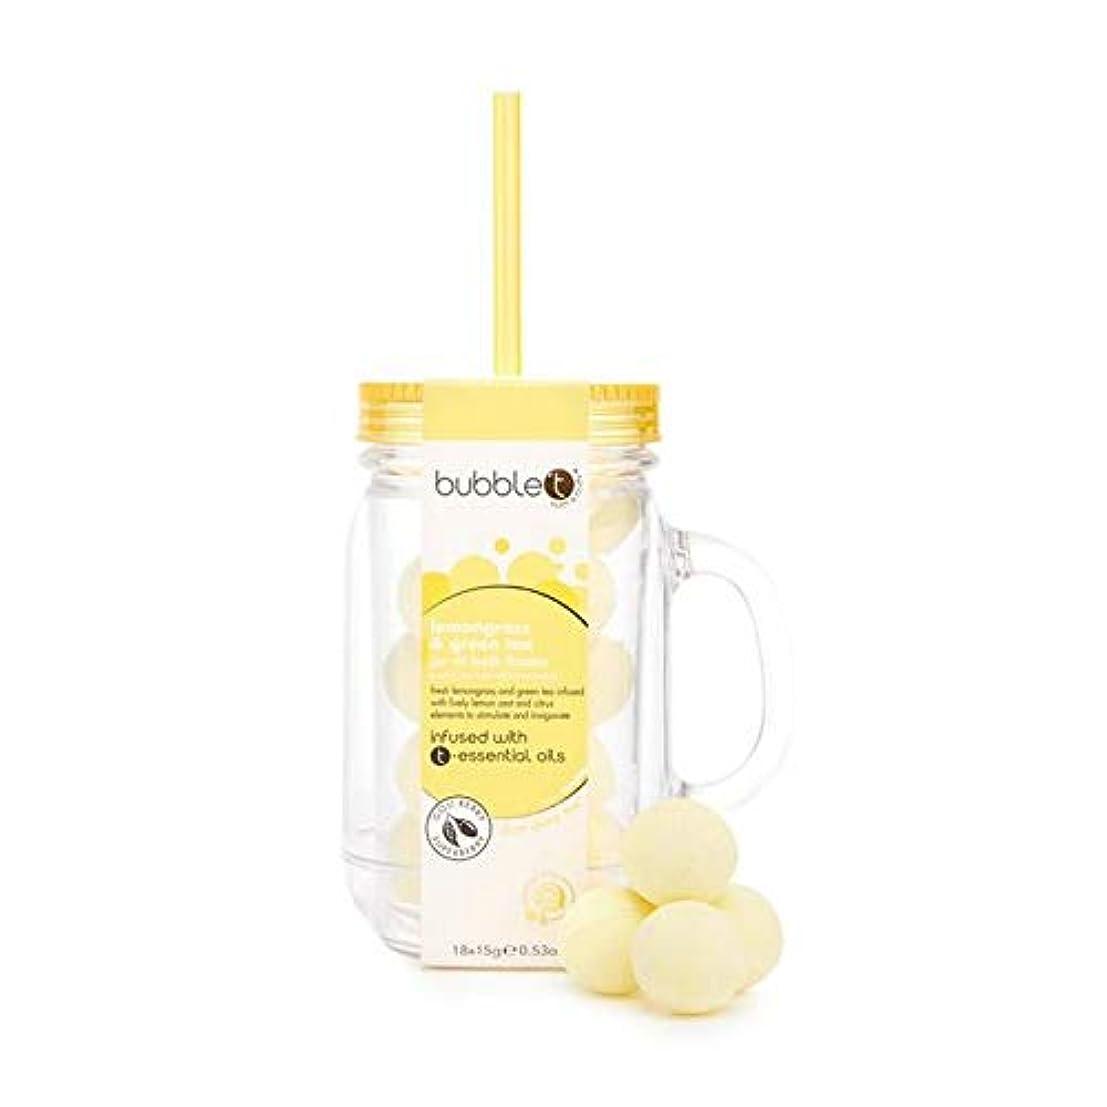 空コンピューター葬儀[BUBBLE T] バブルトン風呂Fizziesメイソンジャー、レモングラス&緑茶 - Bubble T Bath Fizzies Mason Jar, Lemongrass & Green Tea [並行輸入品]